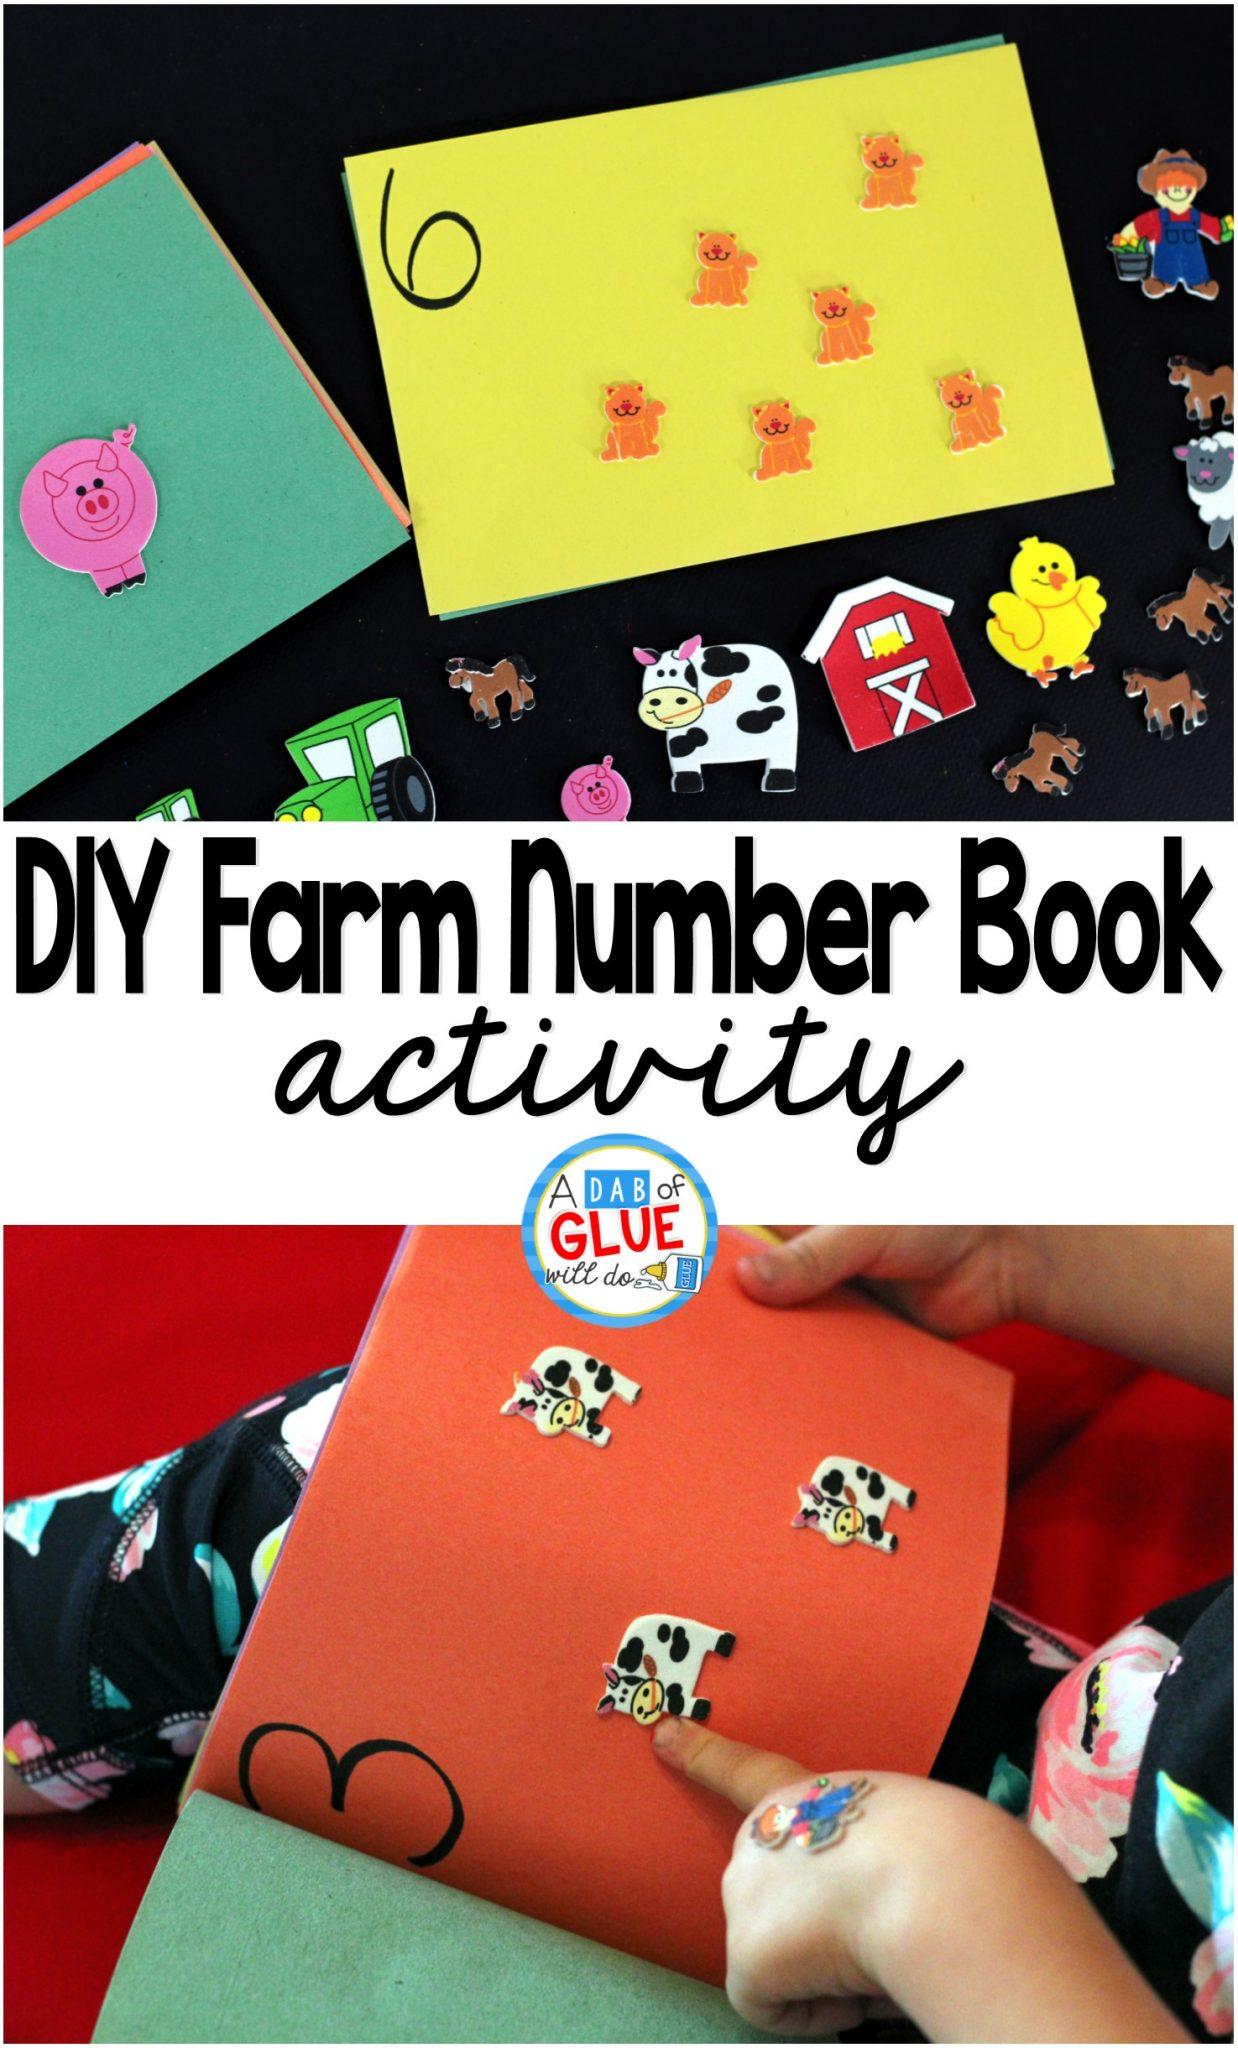 Diy Farm Number Book